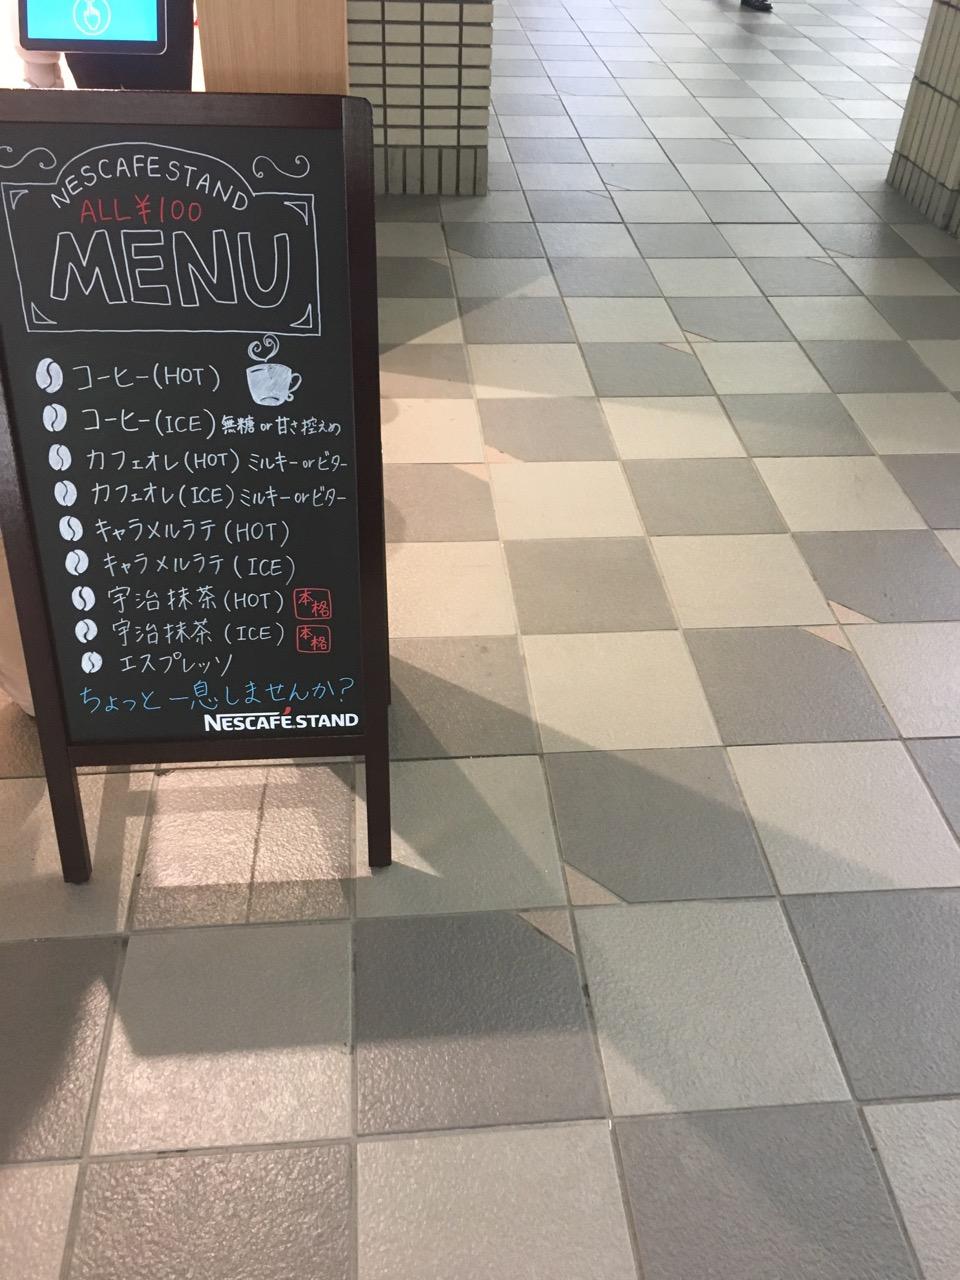 ペッパーくんもいるお手軽カフェ!ネスカフェスタンド阪急岡町店